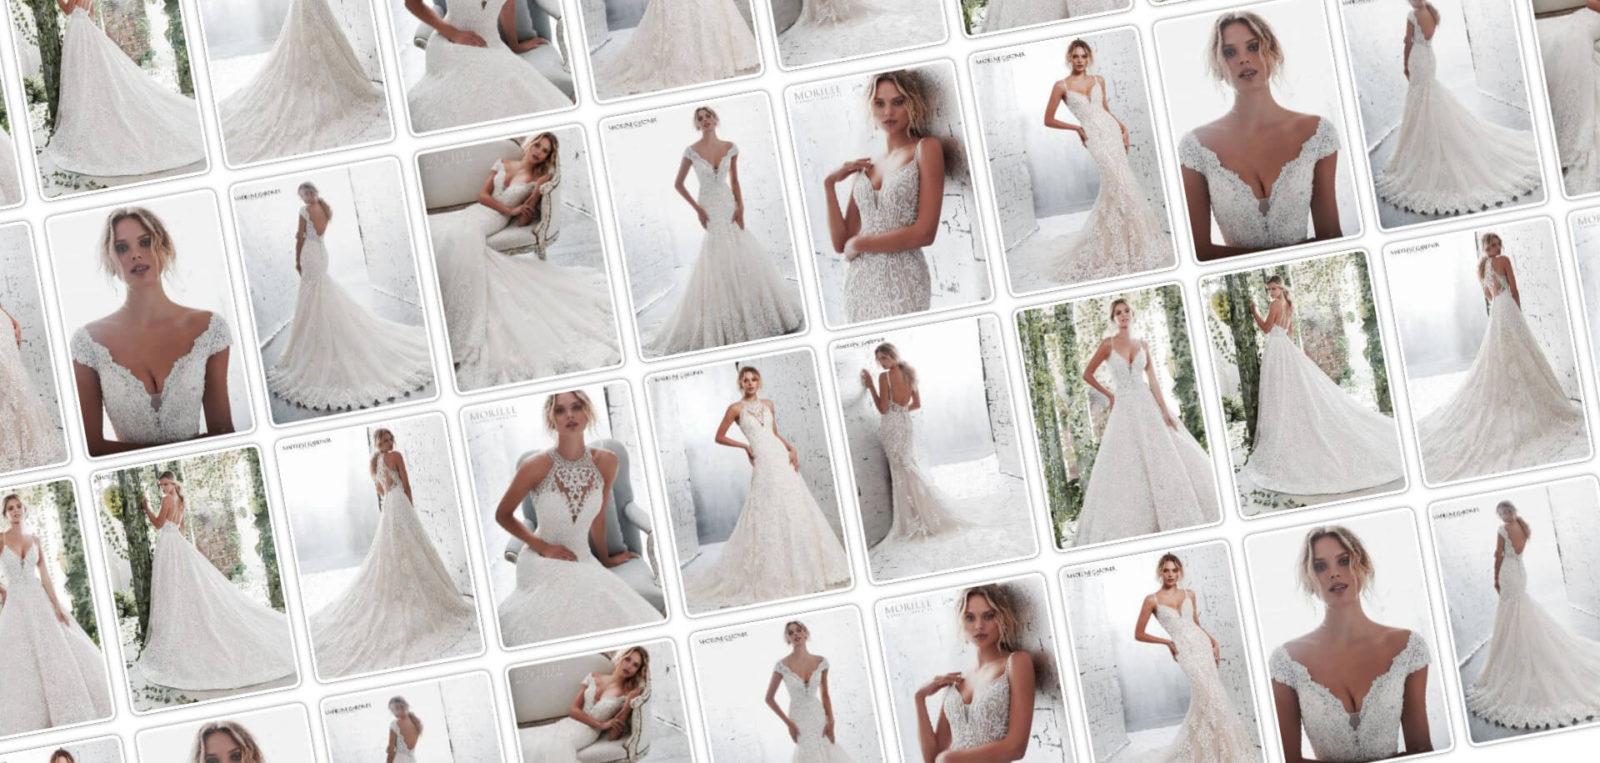 Az Eklektika esküvői ruhaszalon weboldalan a Morilee Couture menyasszonyi ruha kollekcionak a slidere.